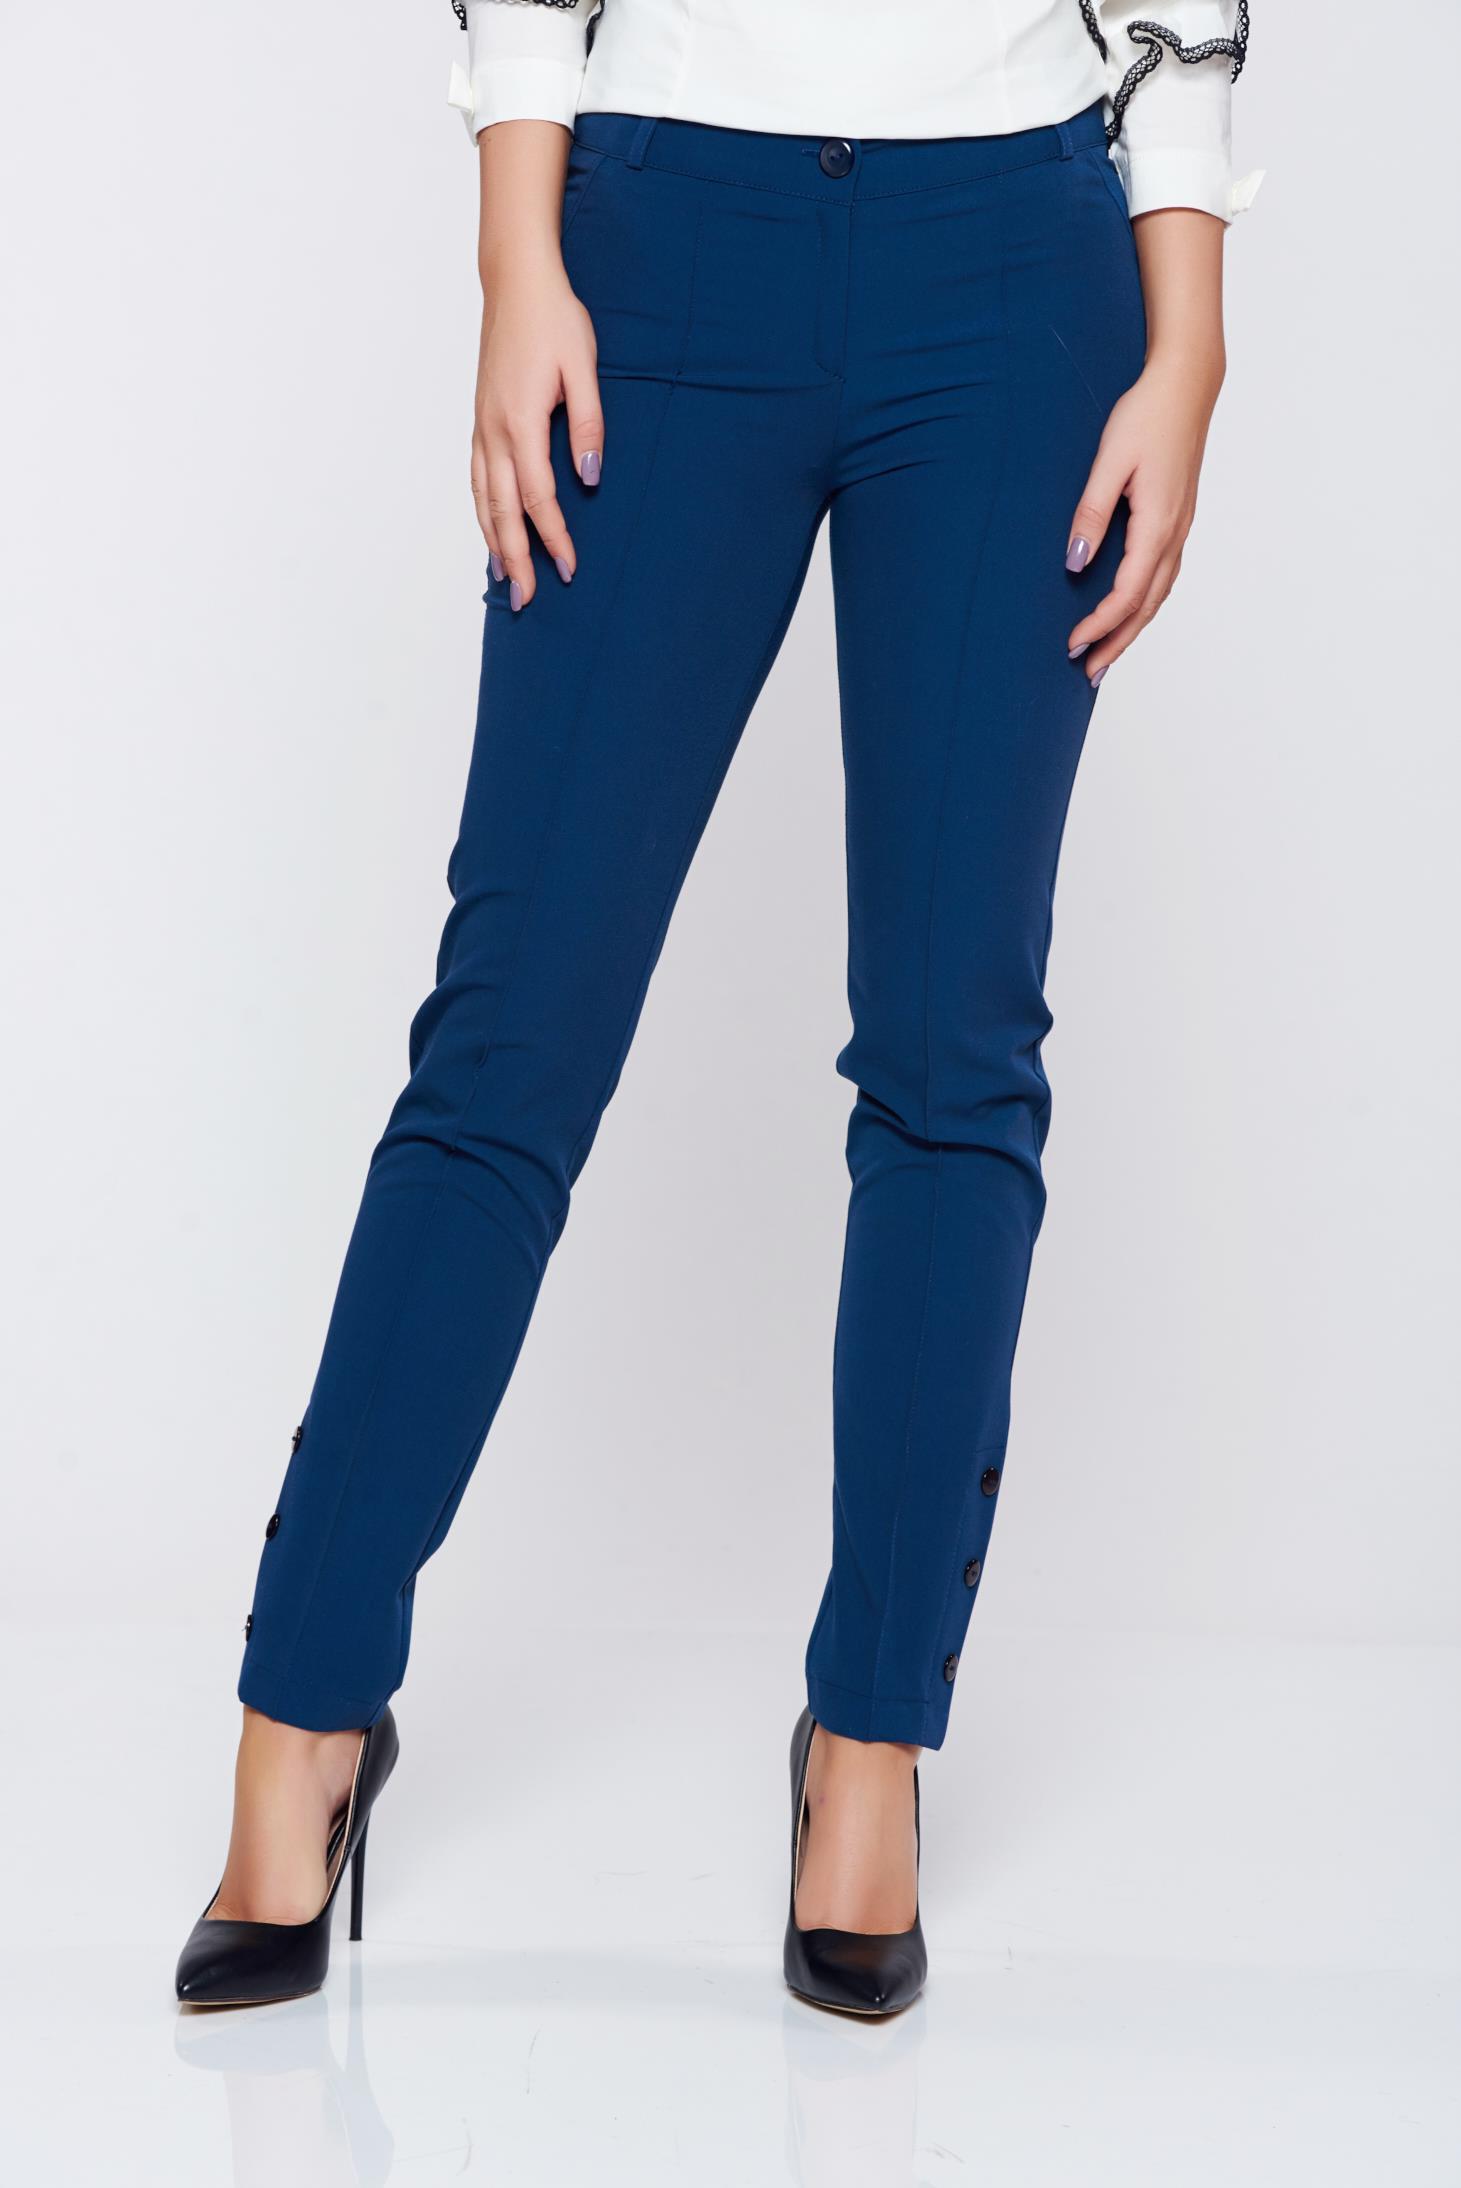 Pantaloni PrettyGirl albastru-inchis office conici cu talie medie